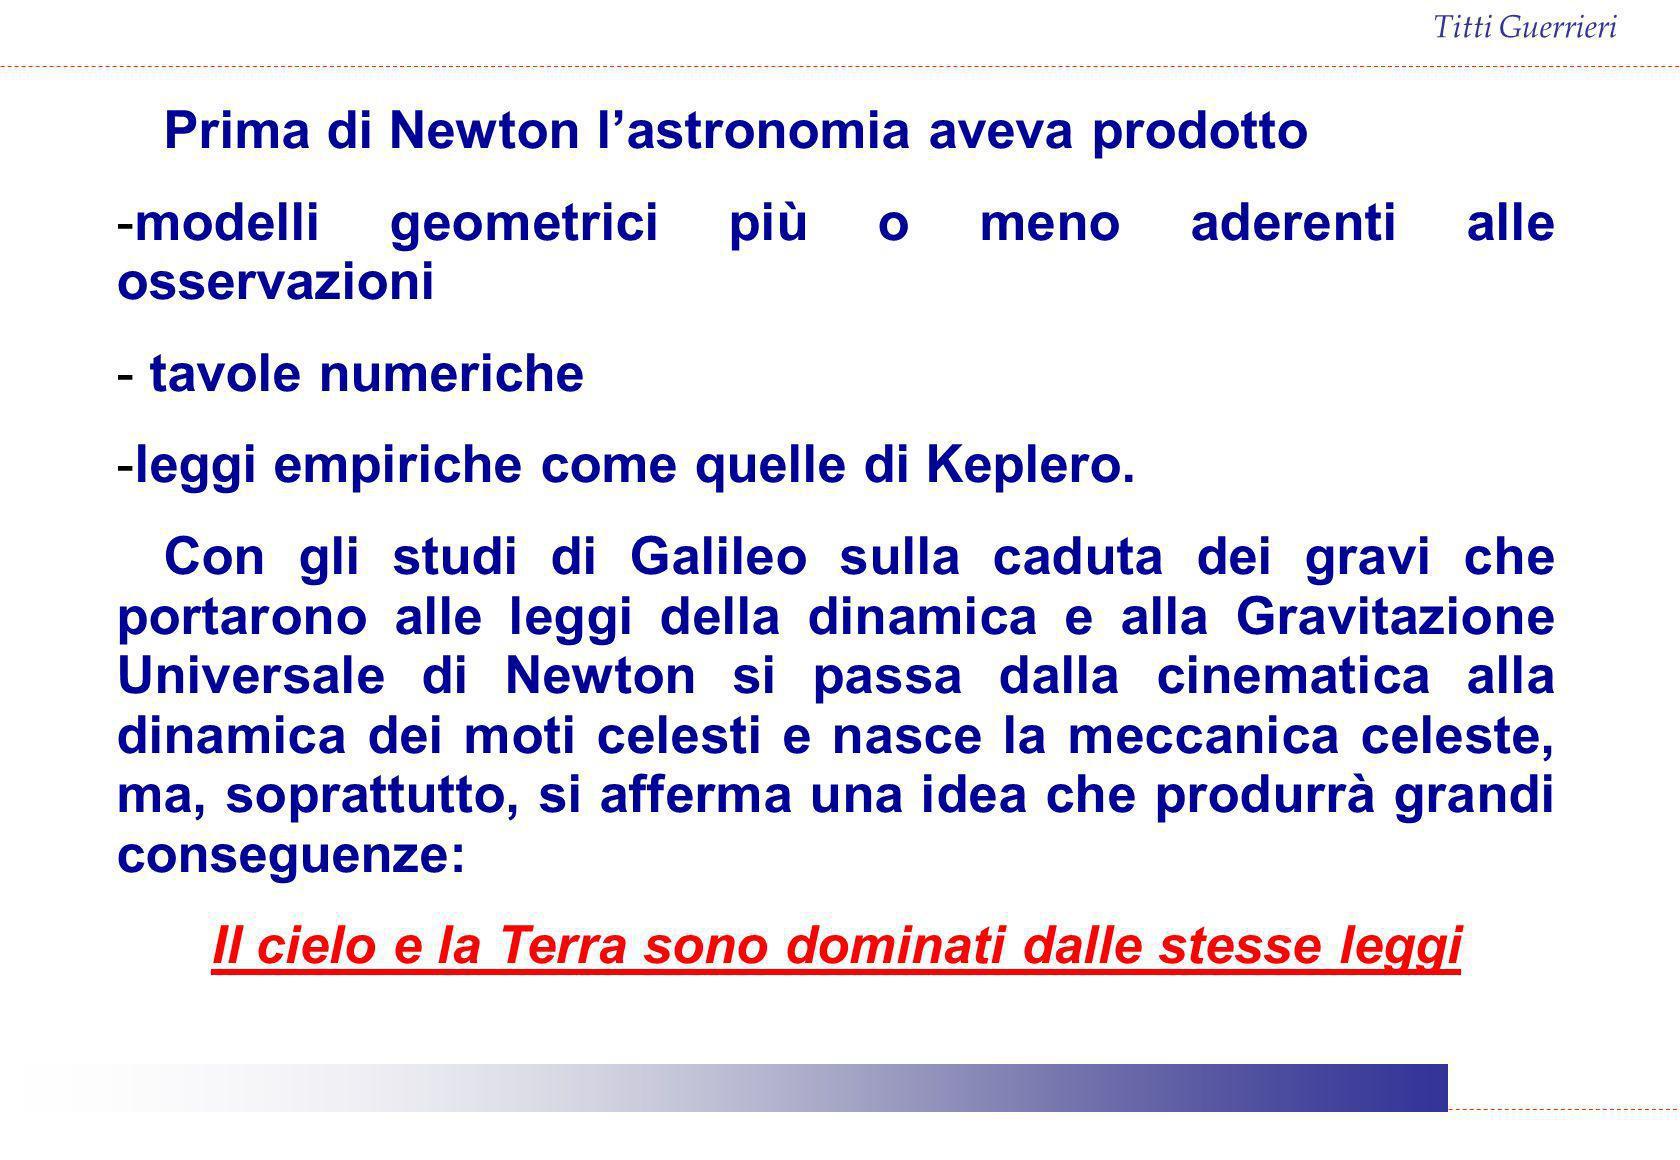 Titti Guerrieri Le numerosissime conferme della legge di gravitazione di Newton ebbero un grosso impatto mediatico.